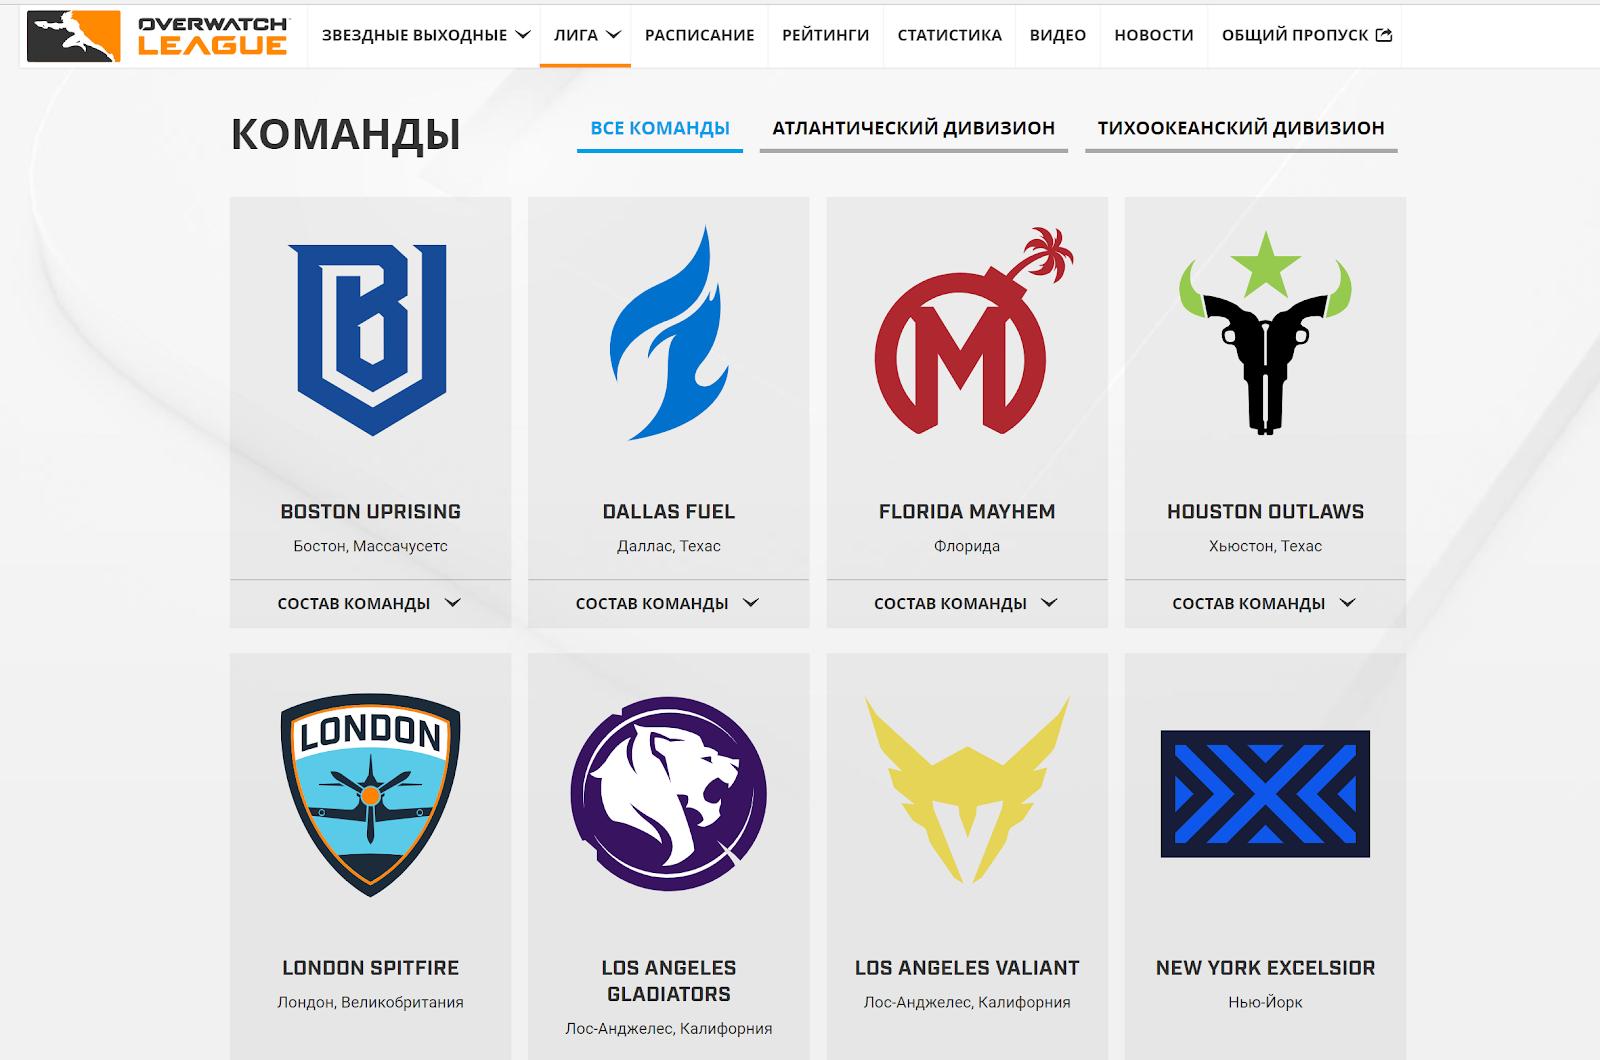 В лиге «Овервотч» каждая команда представляет свой город. Разработчики считают, что так зрителям легче найти, за кого болеть